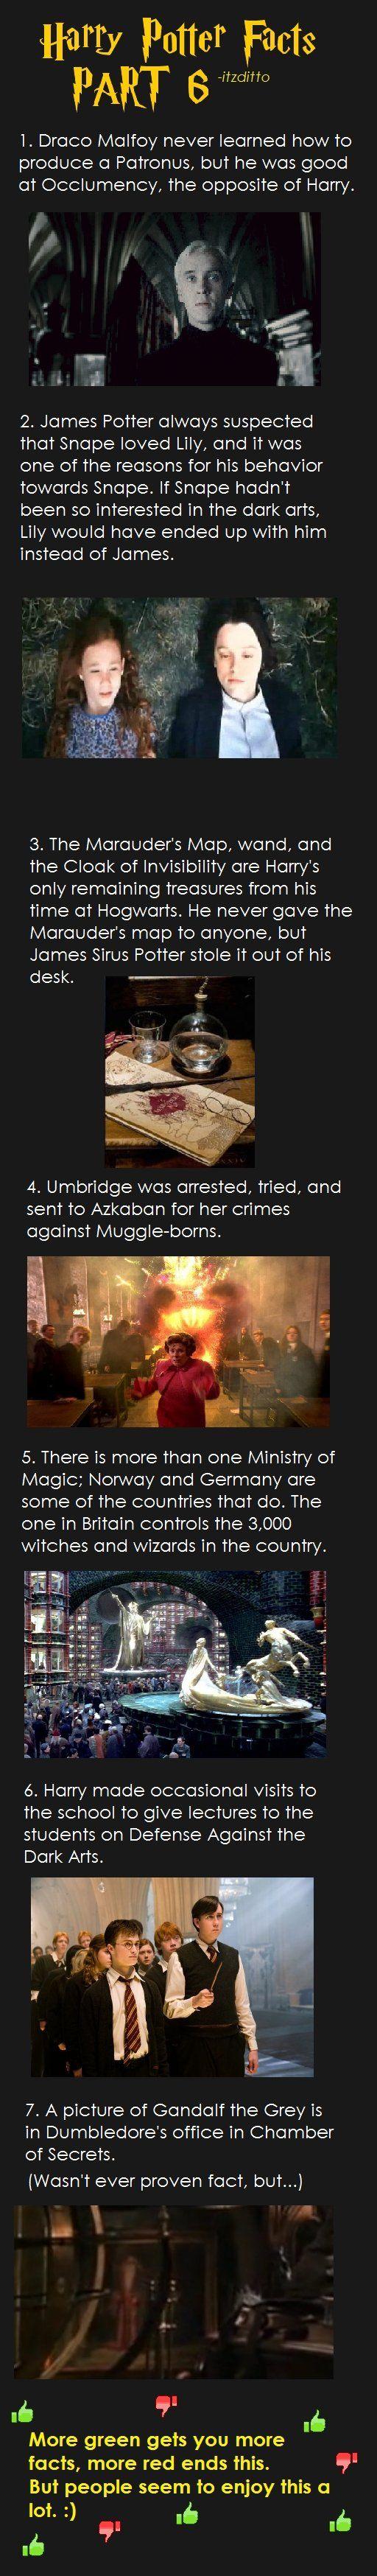 Harry Potter Facts Part 6 - Imgur